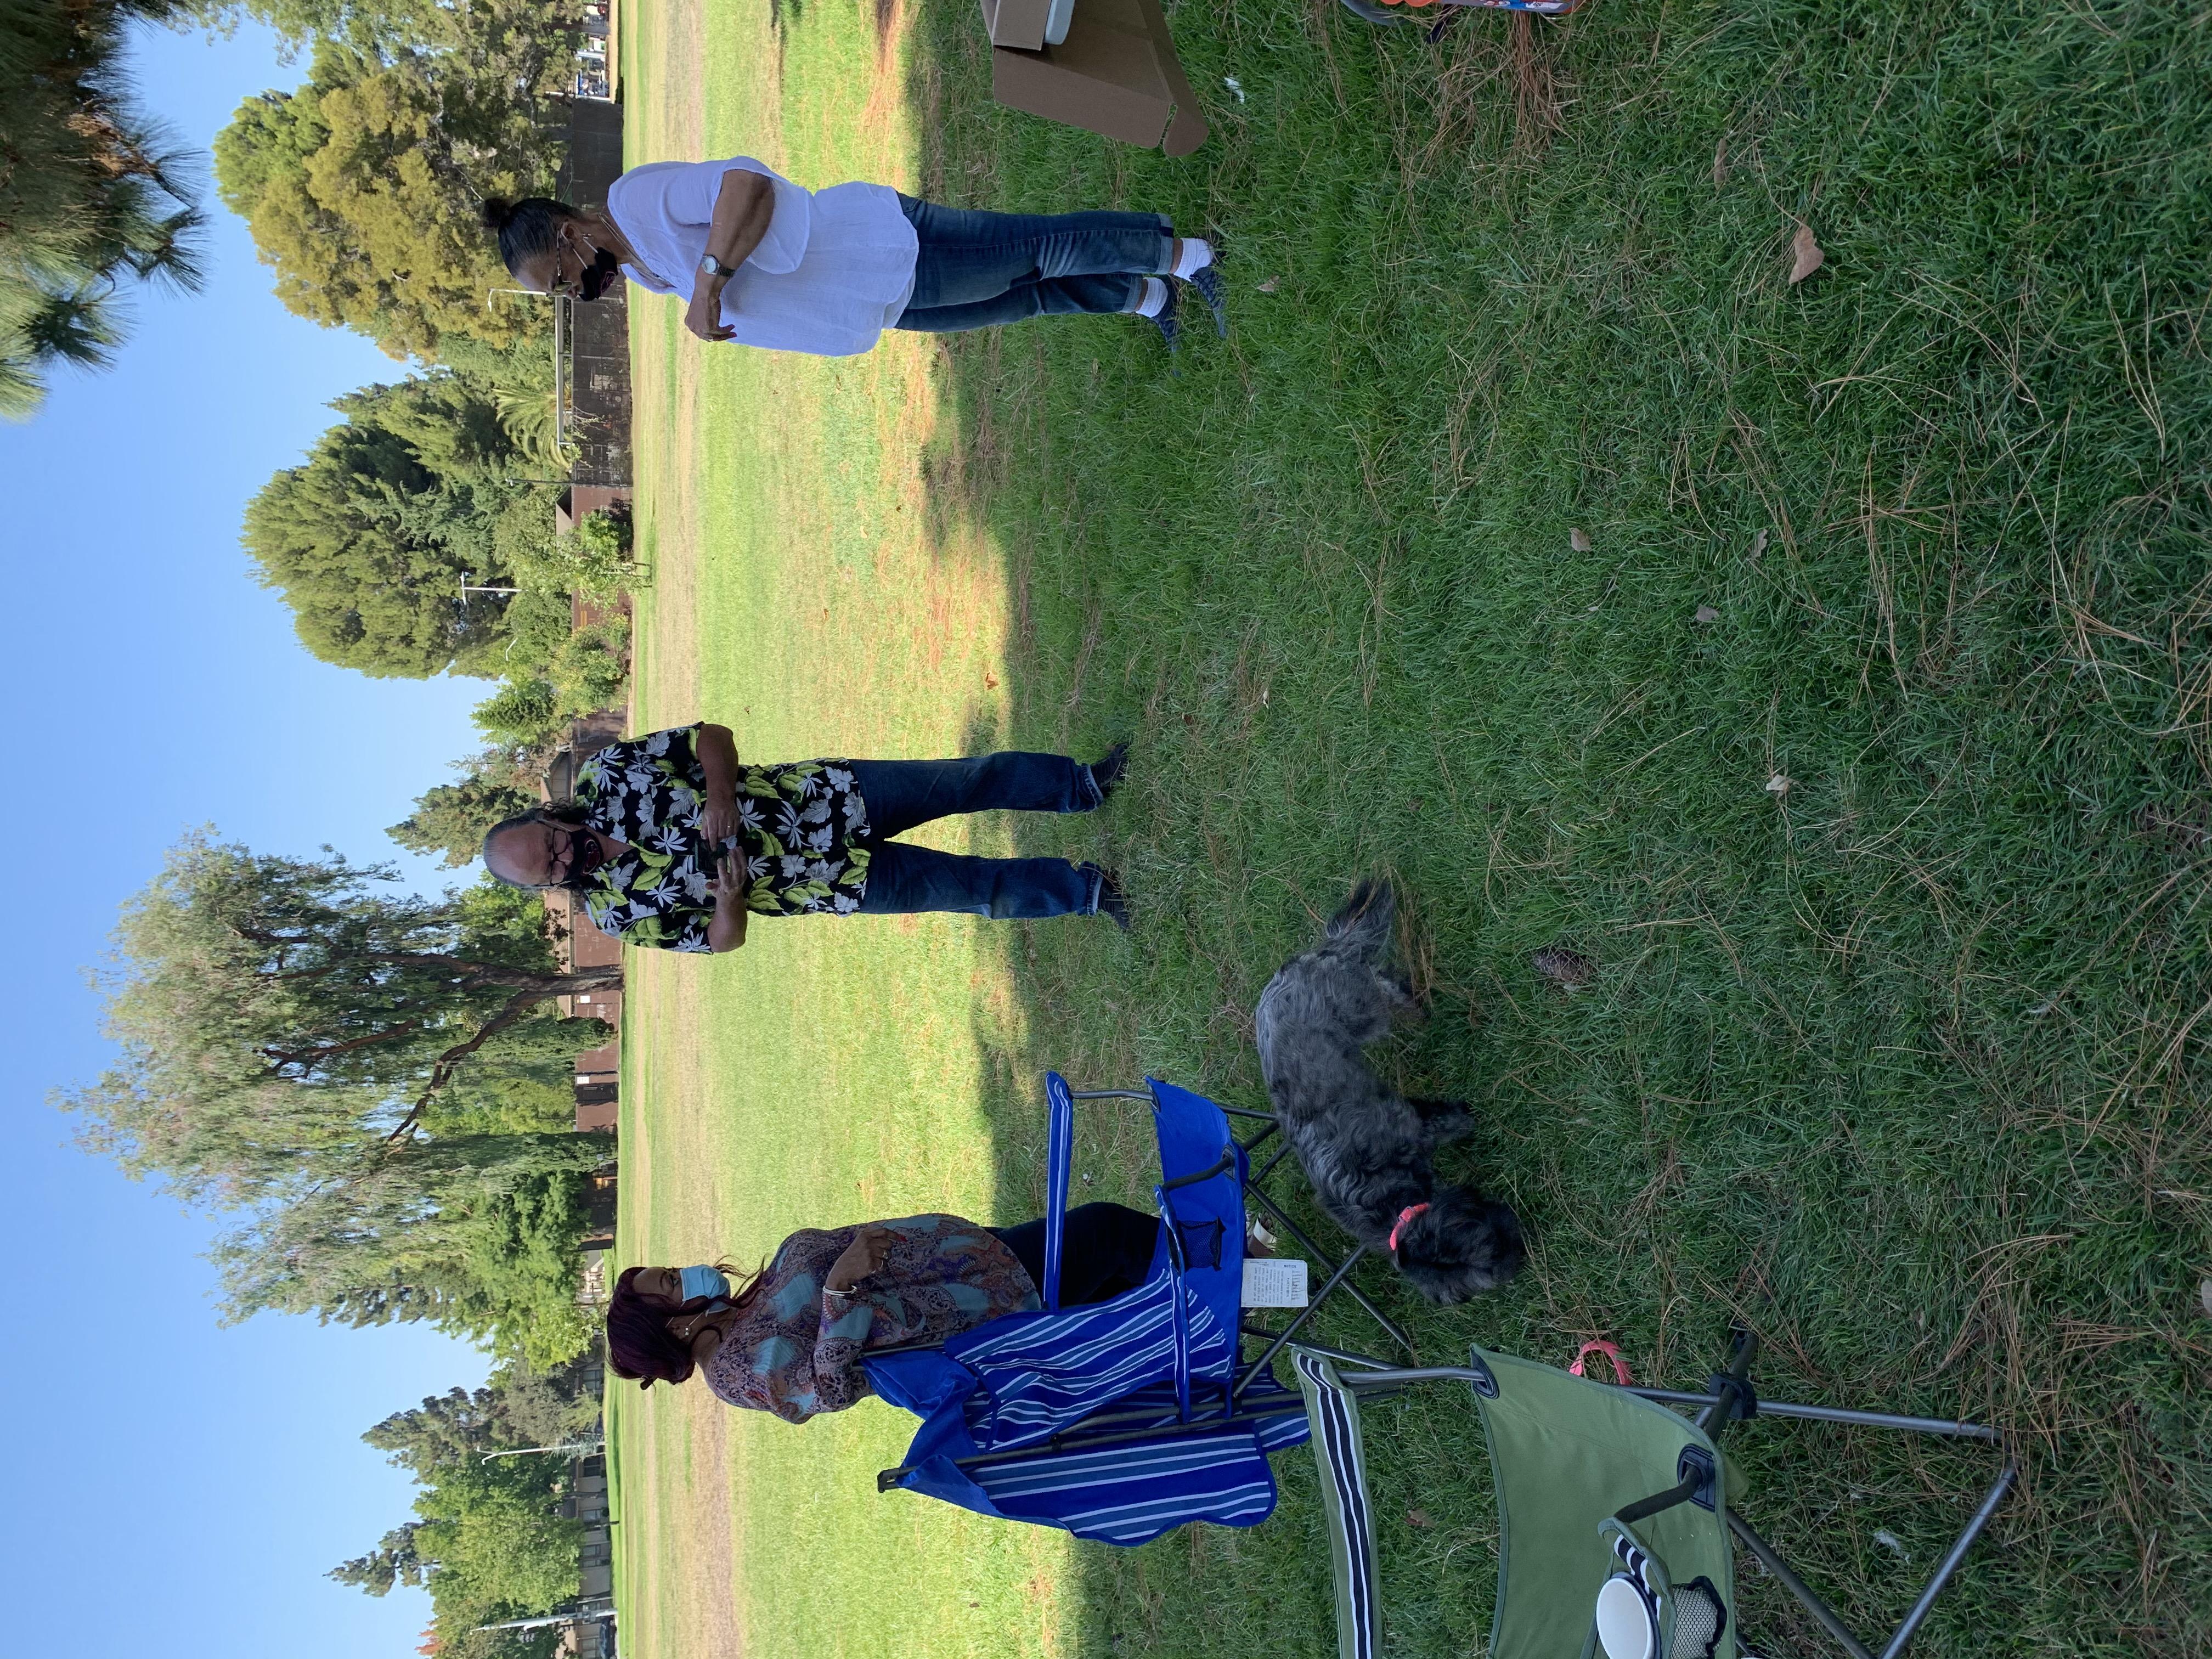 Fellowship at Lake Elizabeth